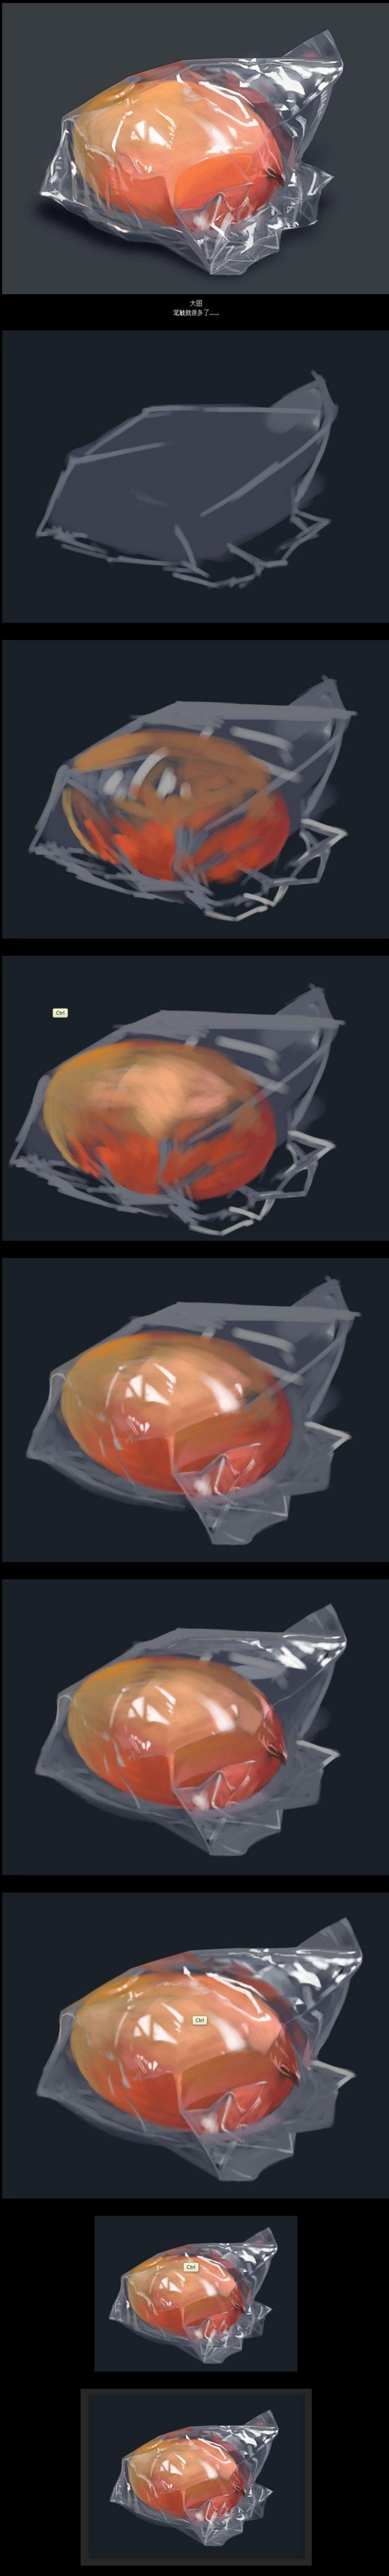 塑料袋质感(带大概步骤图) 绘画习作 插...: